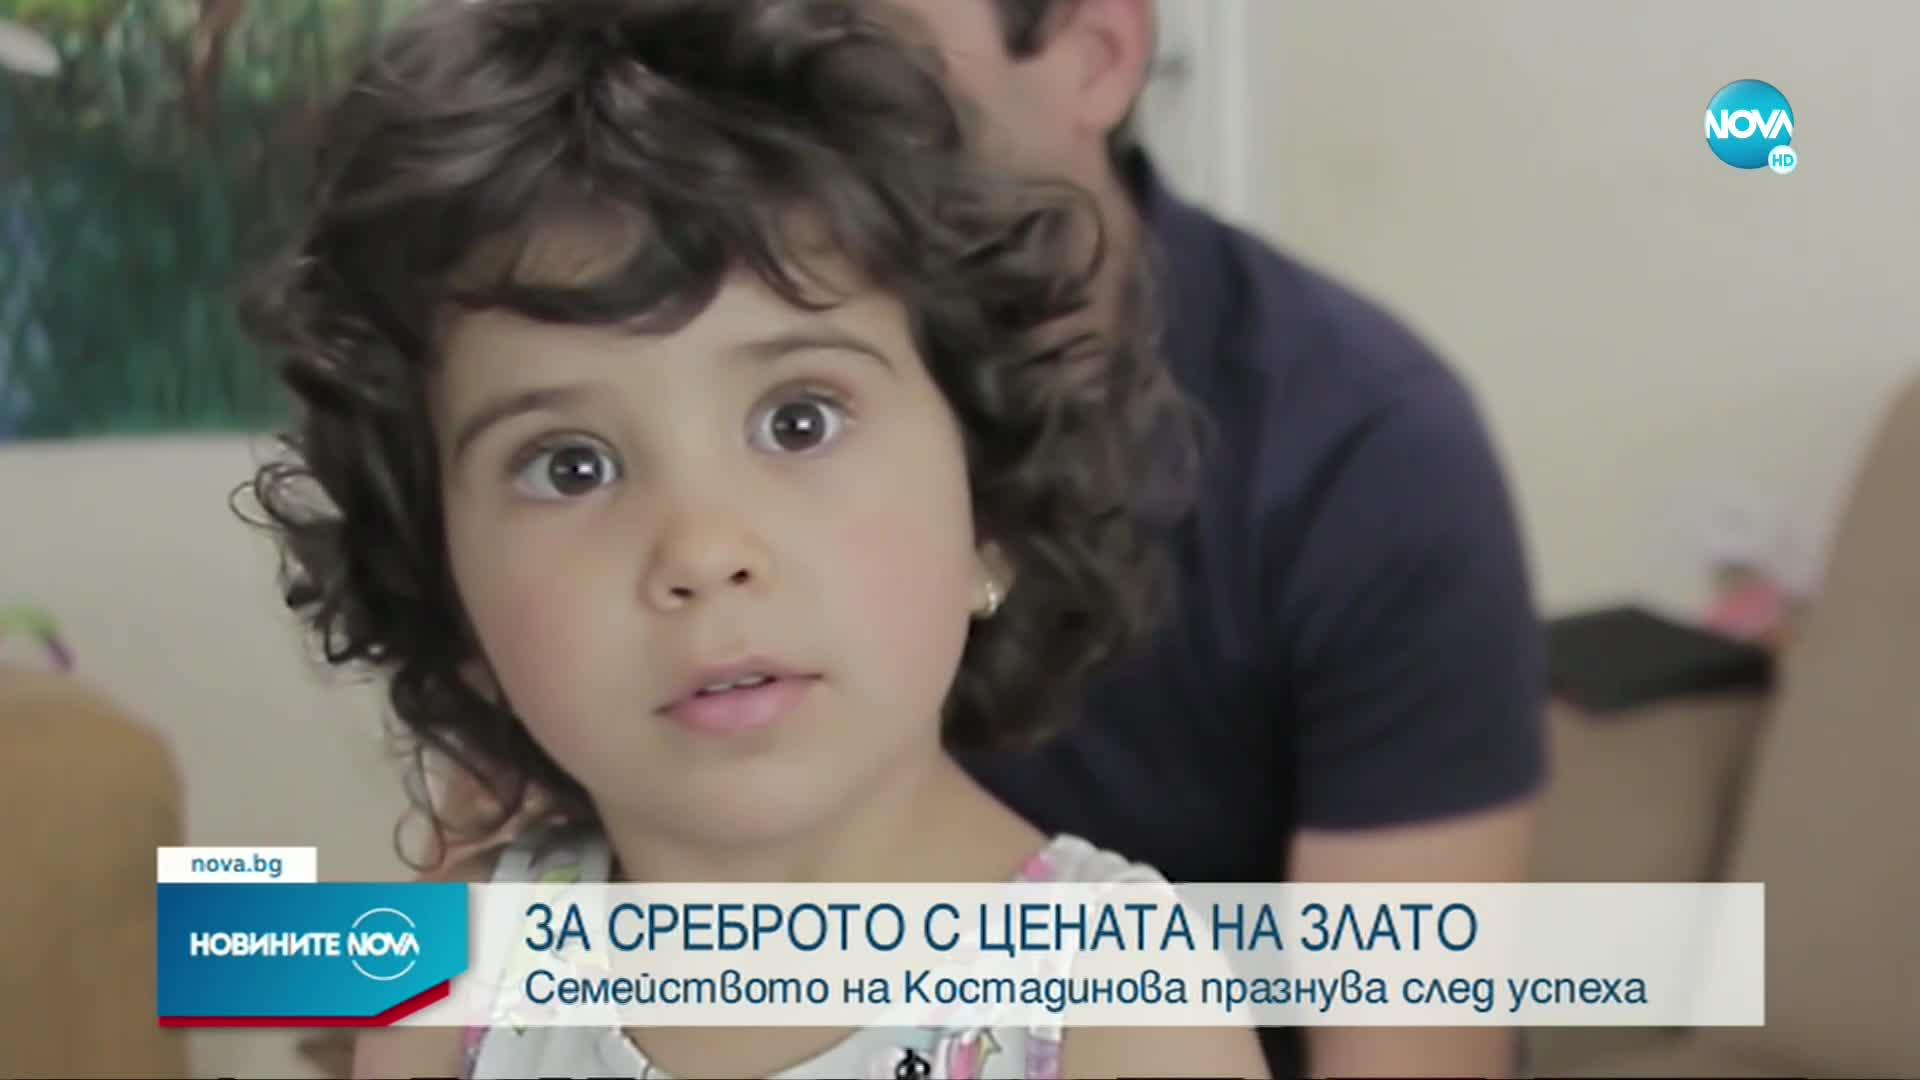 Антоанета Костадинова: Благодарна съм на Бог, че стигнах дотук